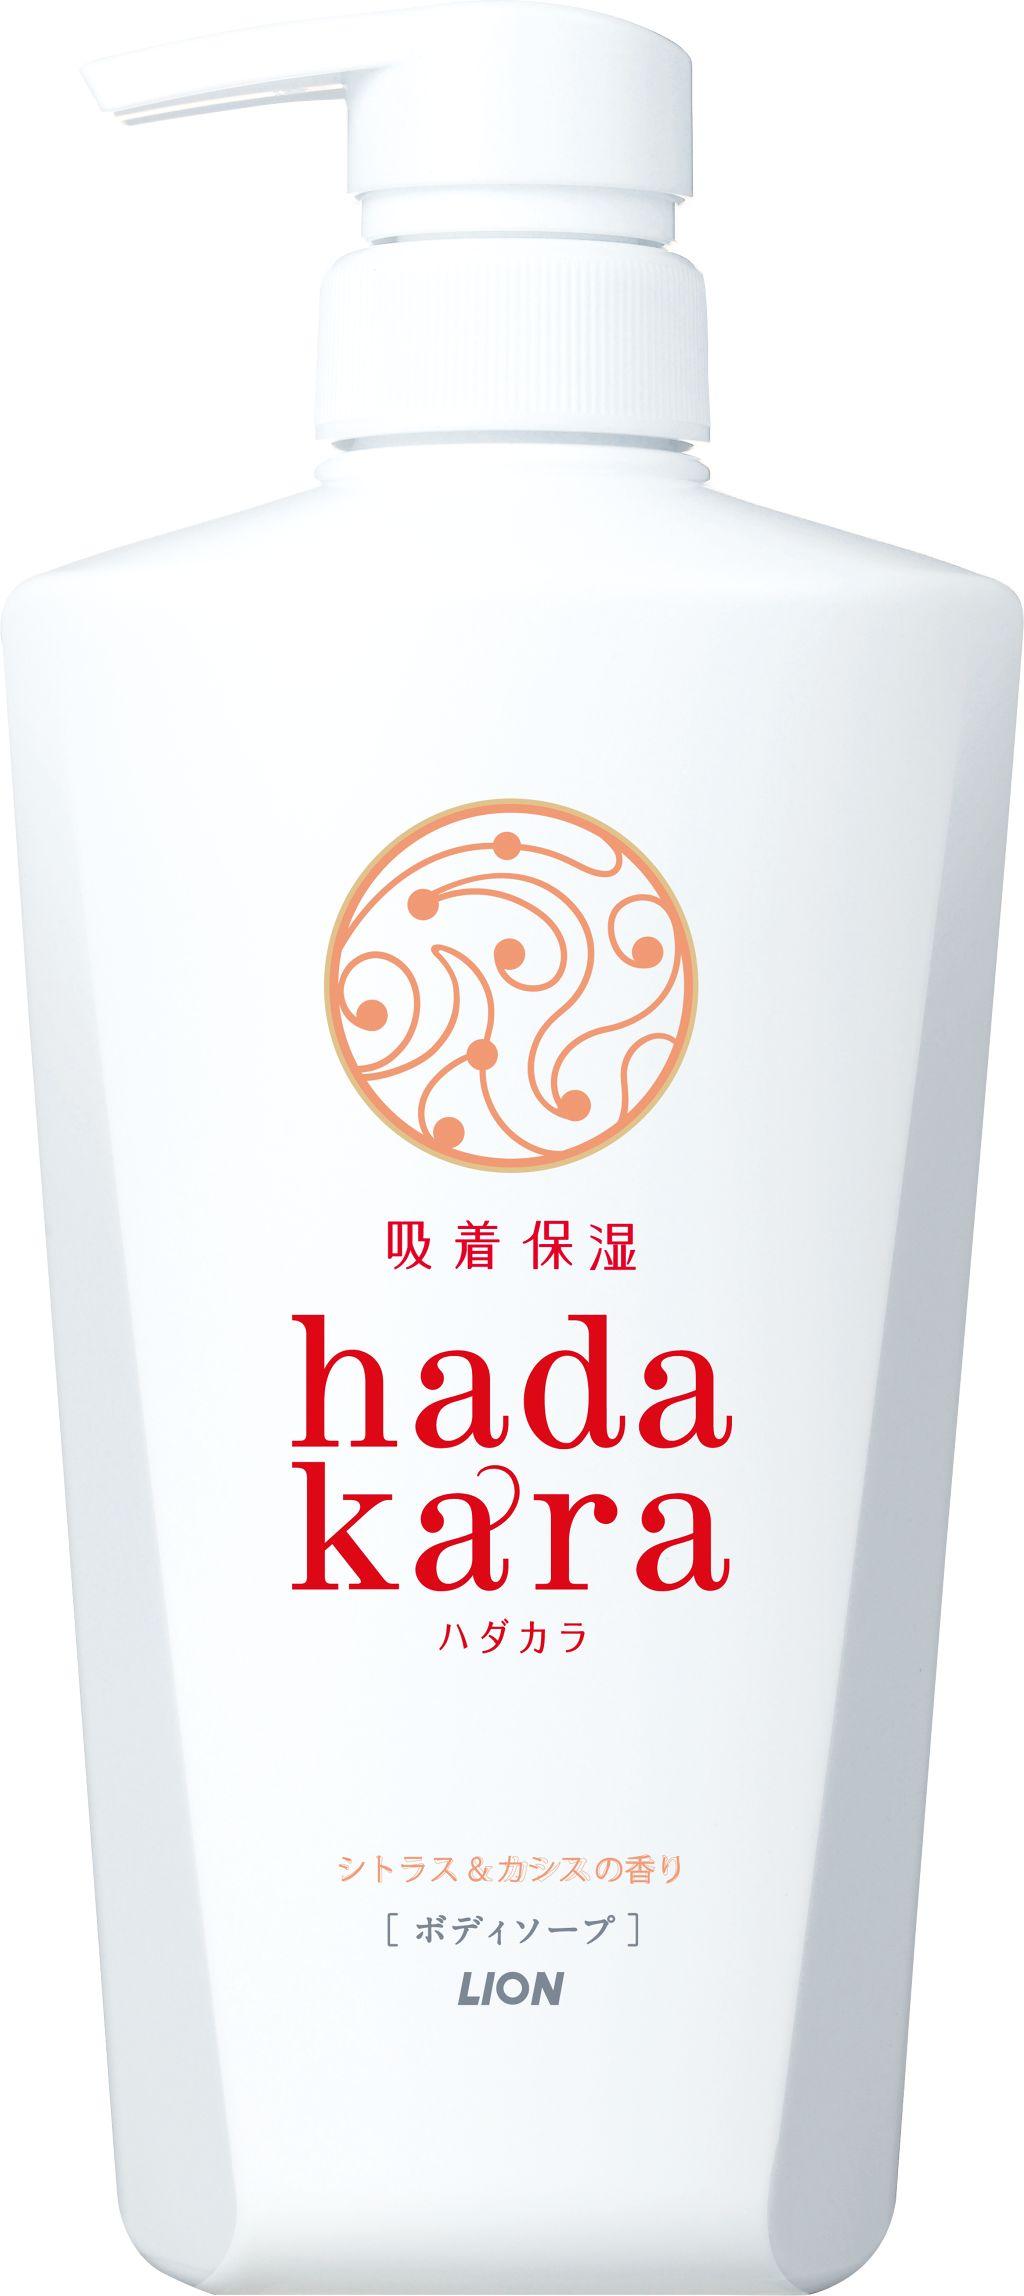 hadakara ボディソープ シトラス&カシスの香り hadakara